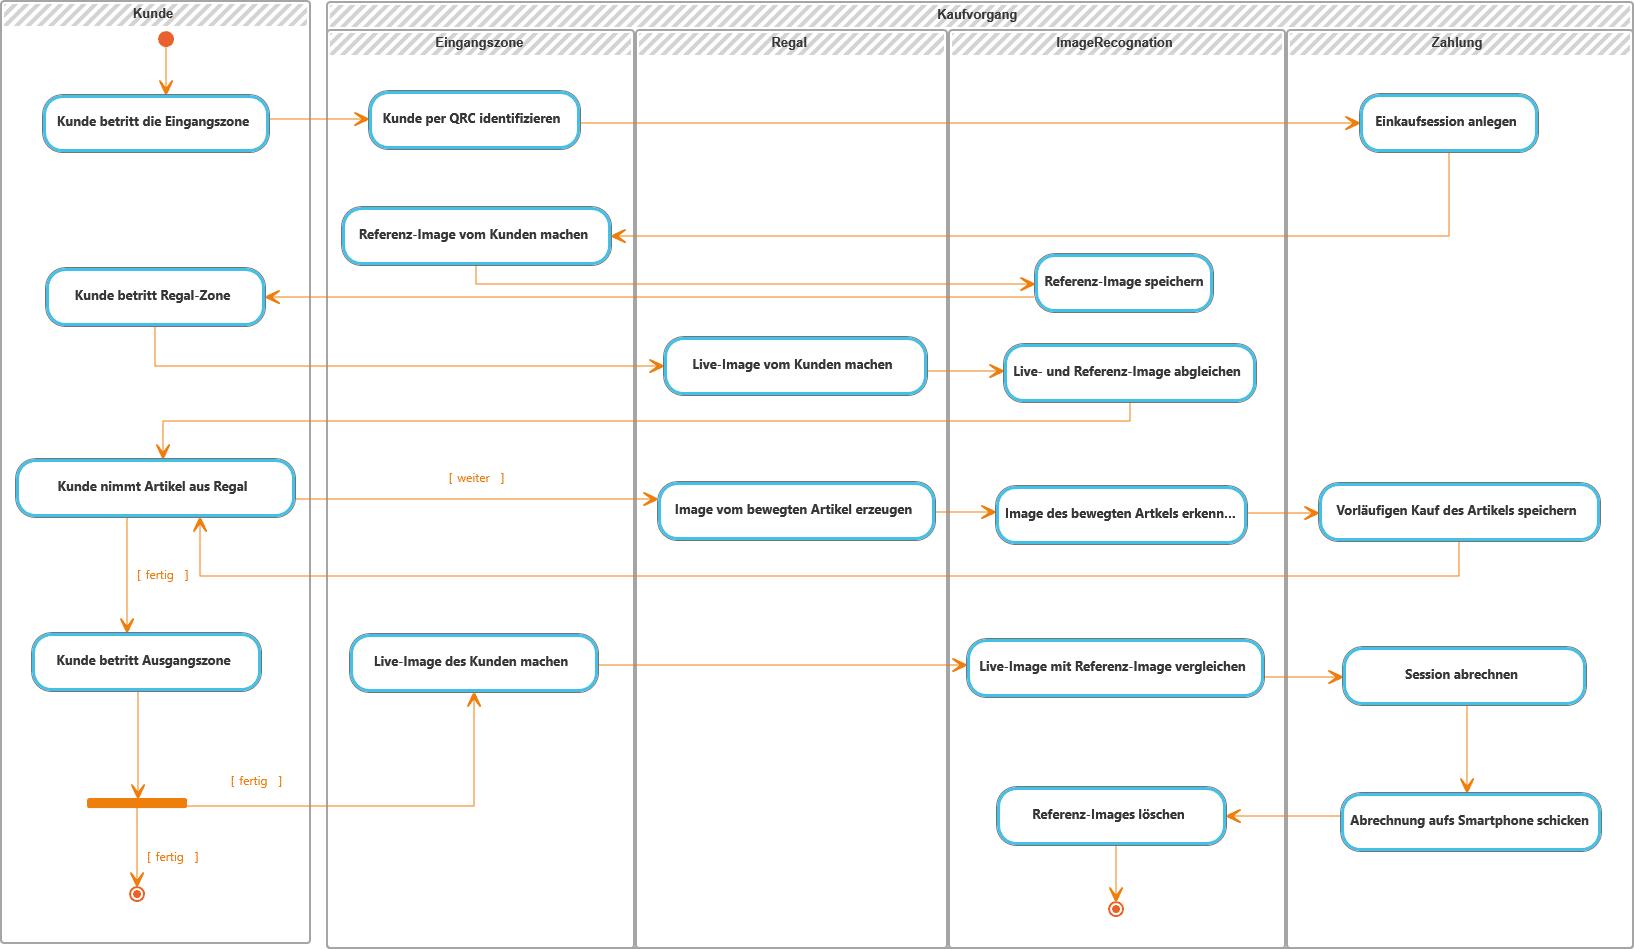 Analyse der Geschäftsprozesse im Projekt Northern Country Stores